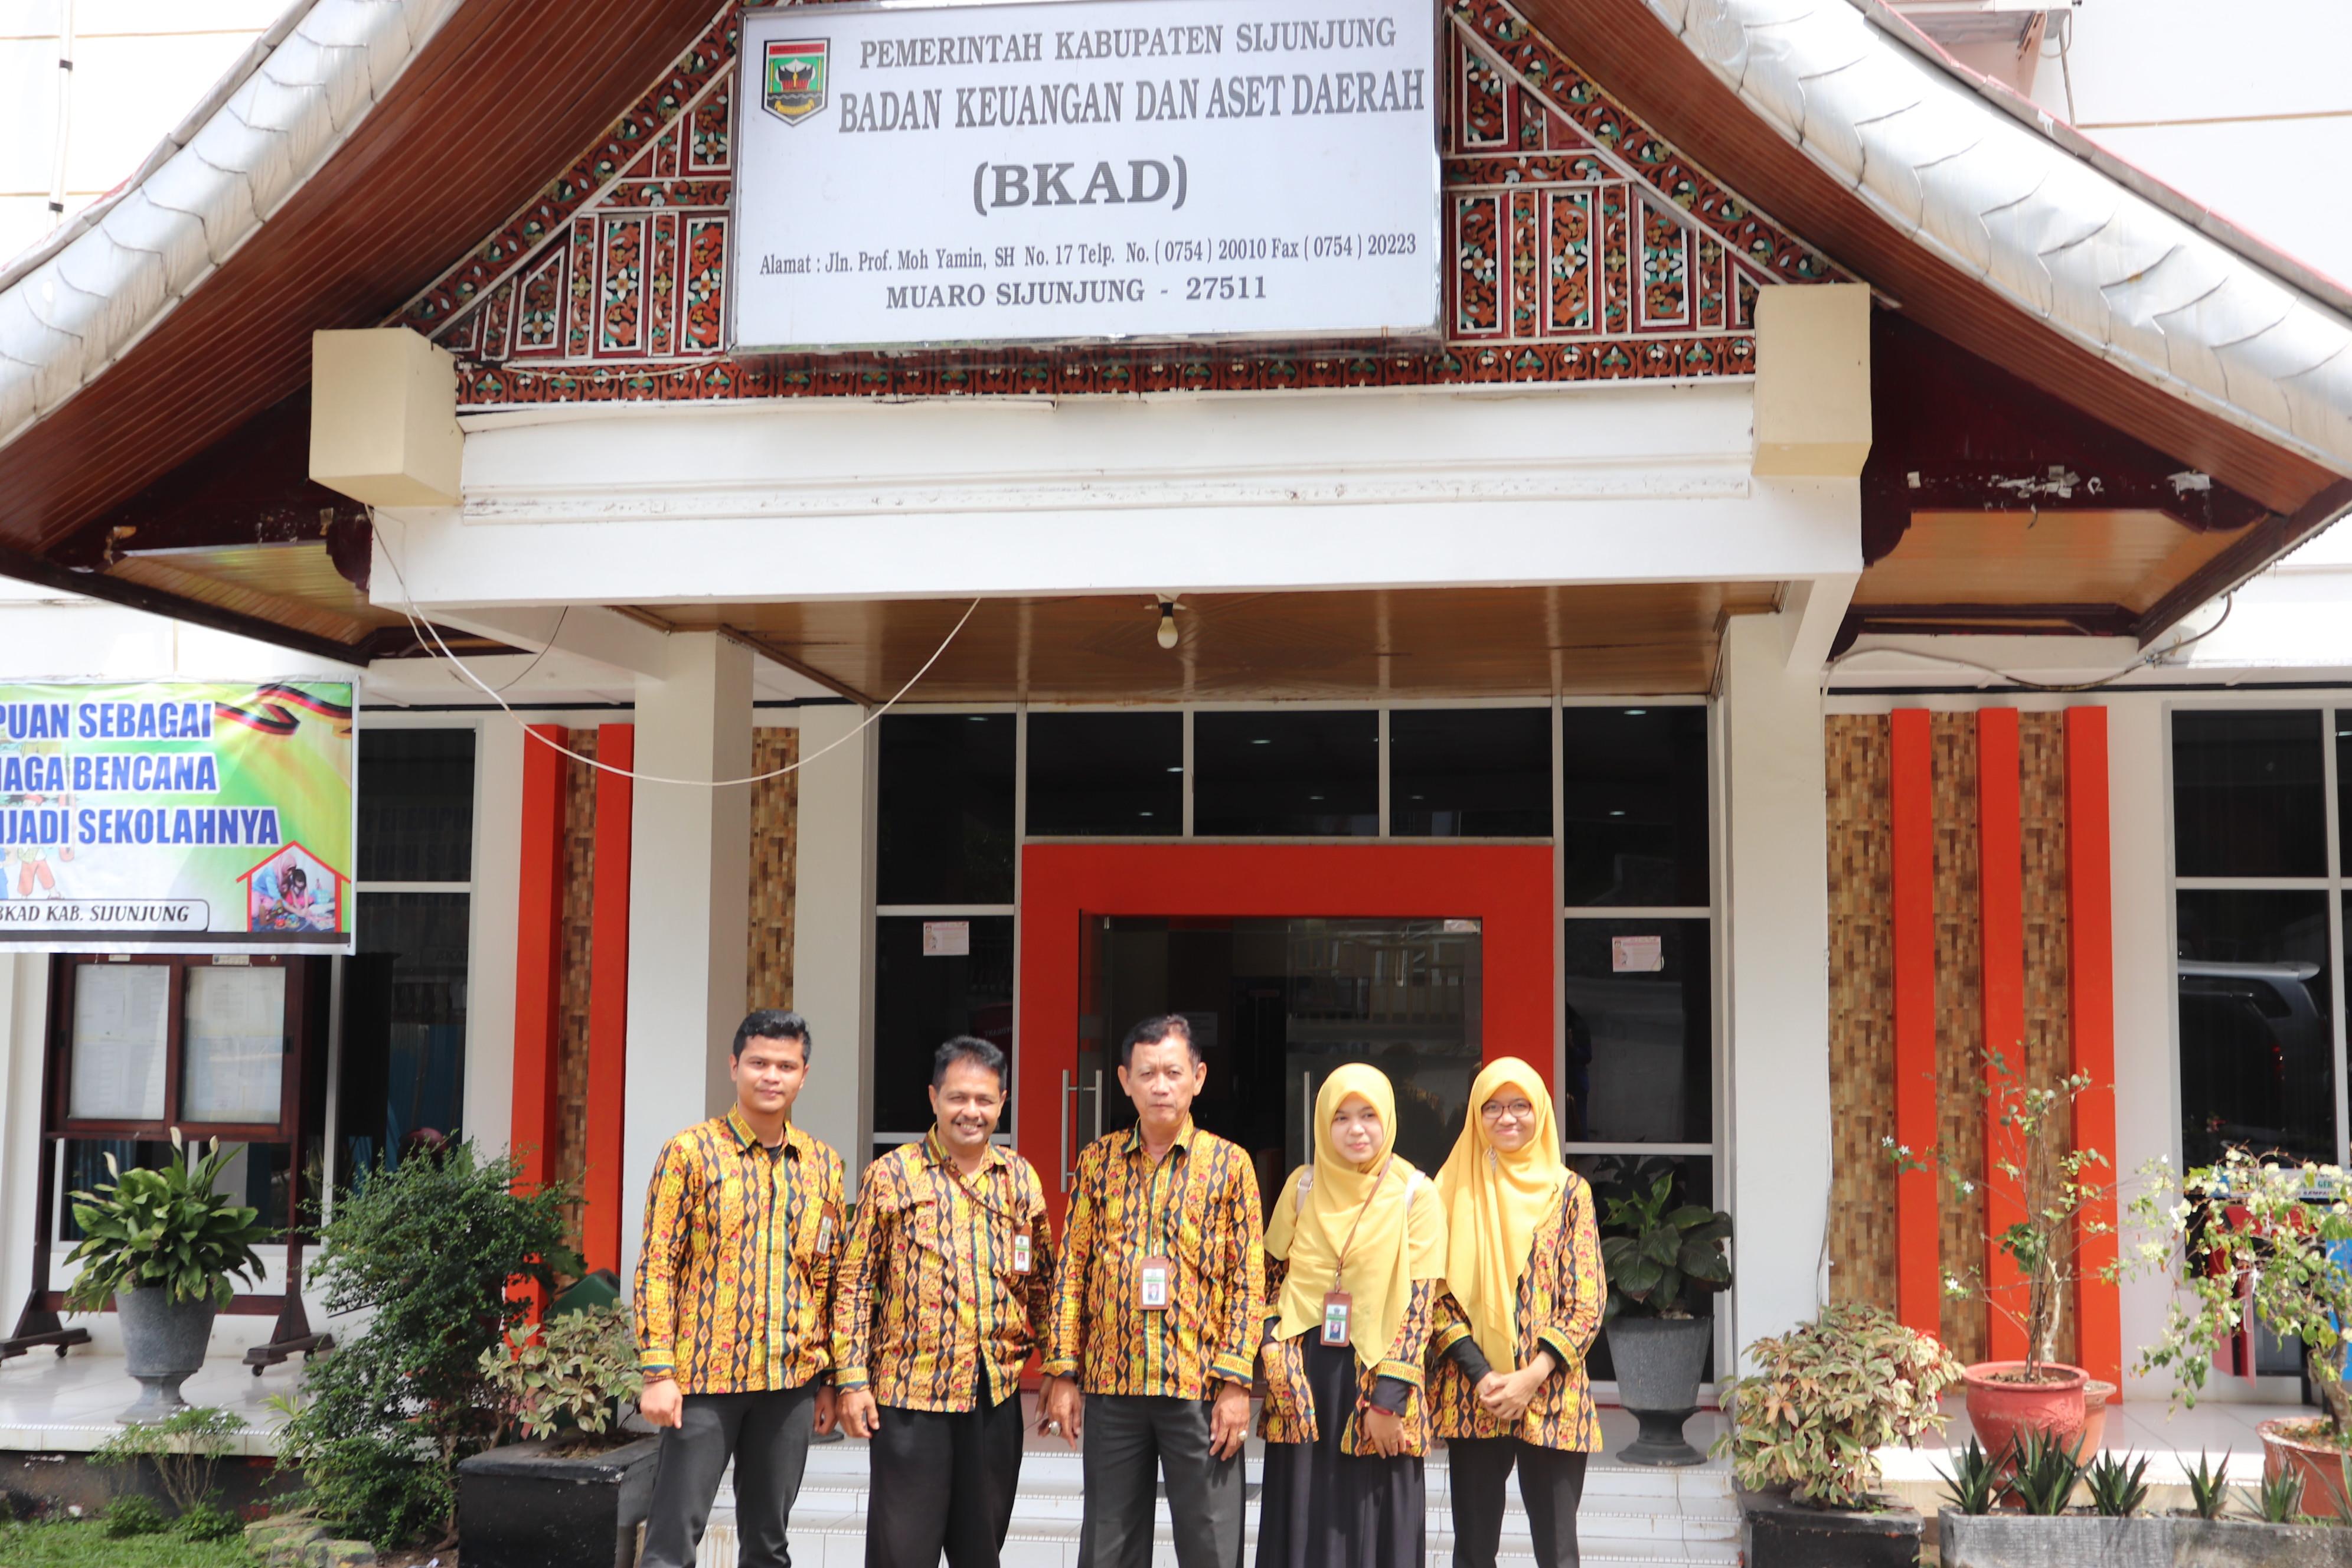 Optimalisasi pengelolaan BMD, Pemkab Sijunjung laksanakan Lelang melalui KPKNL Padang